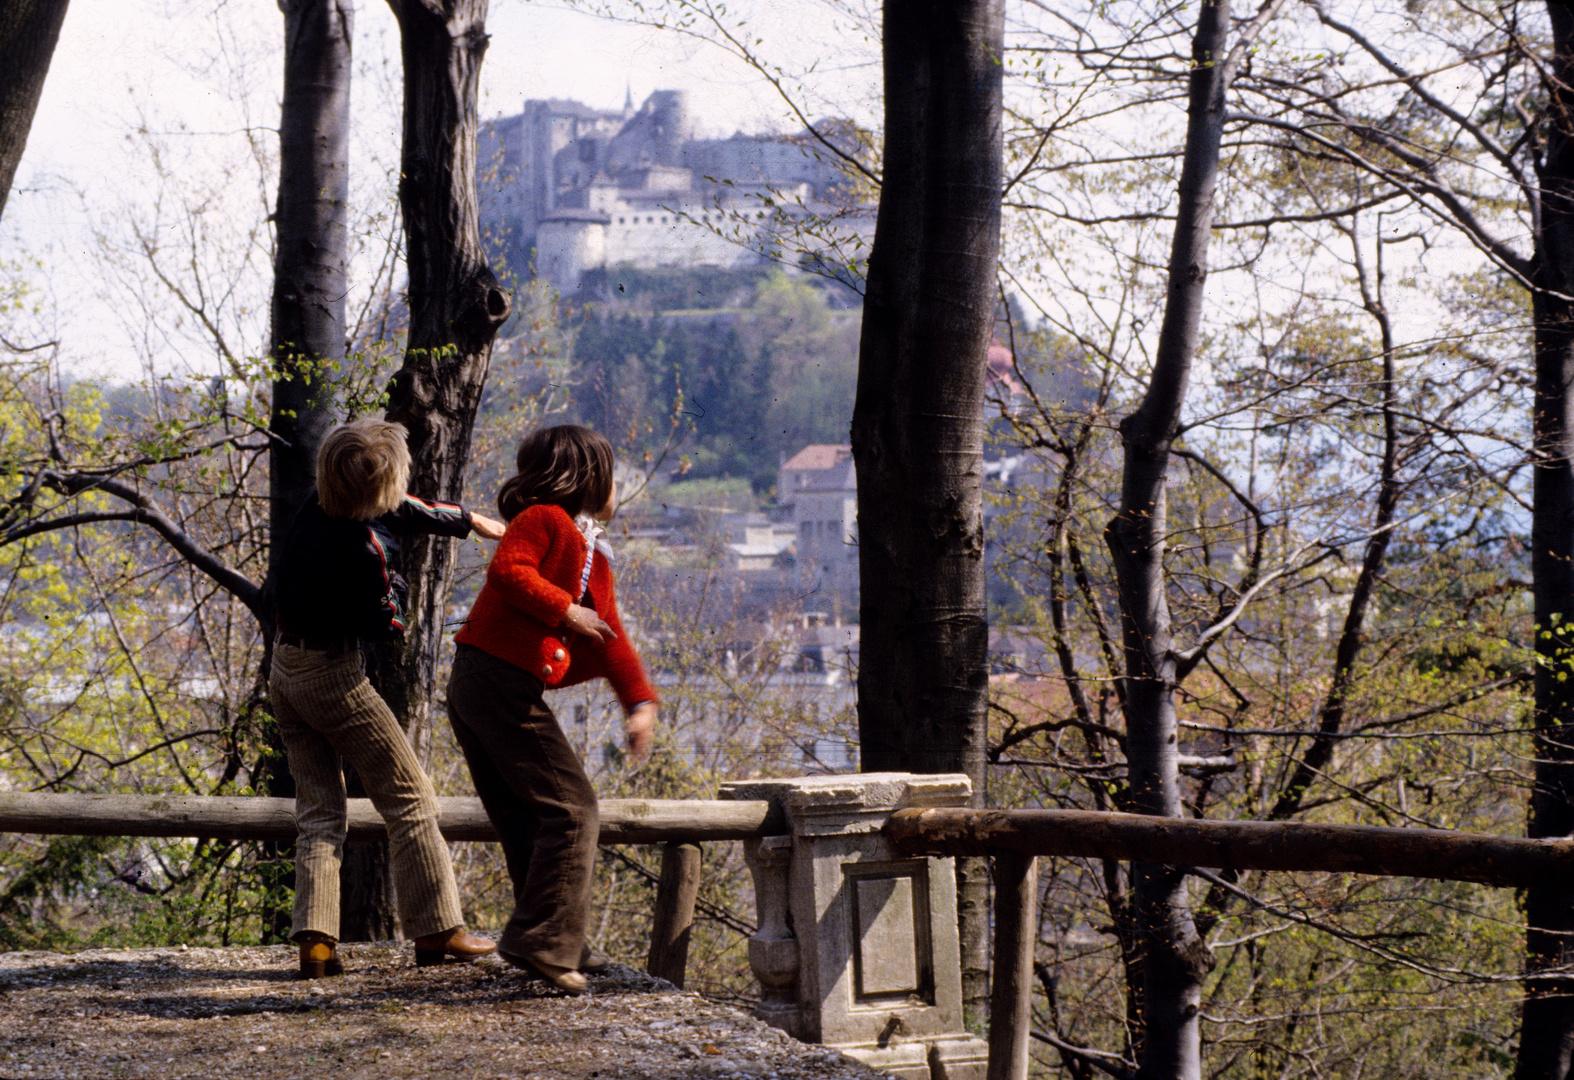 Kinder vor der Festung Hohensalzburg